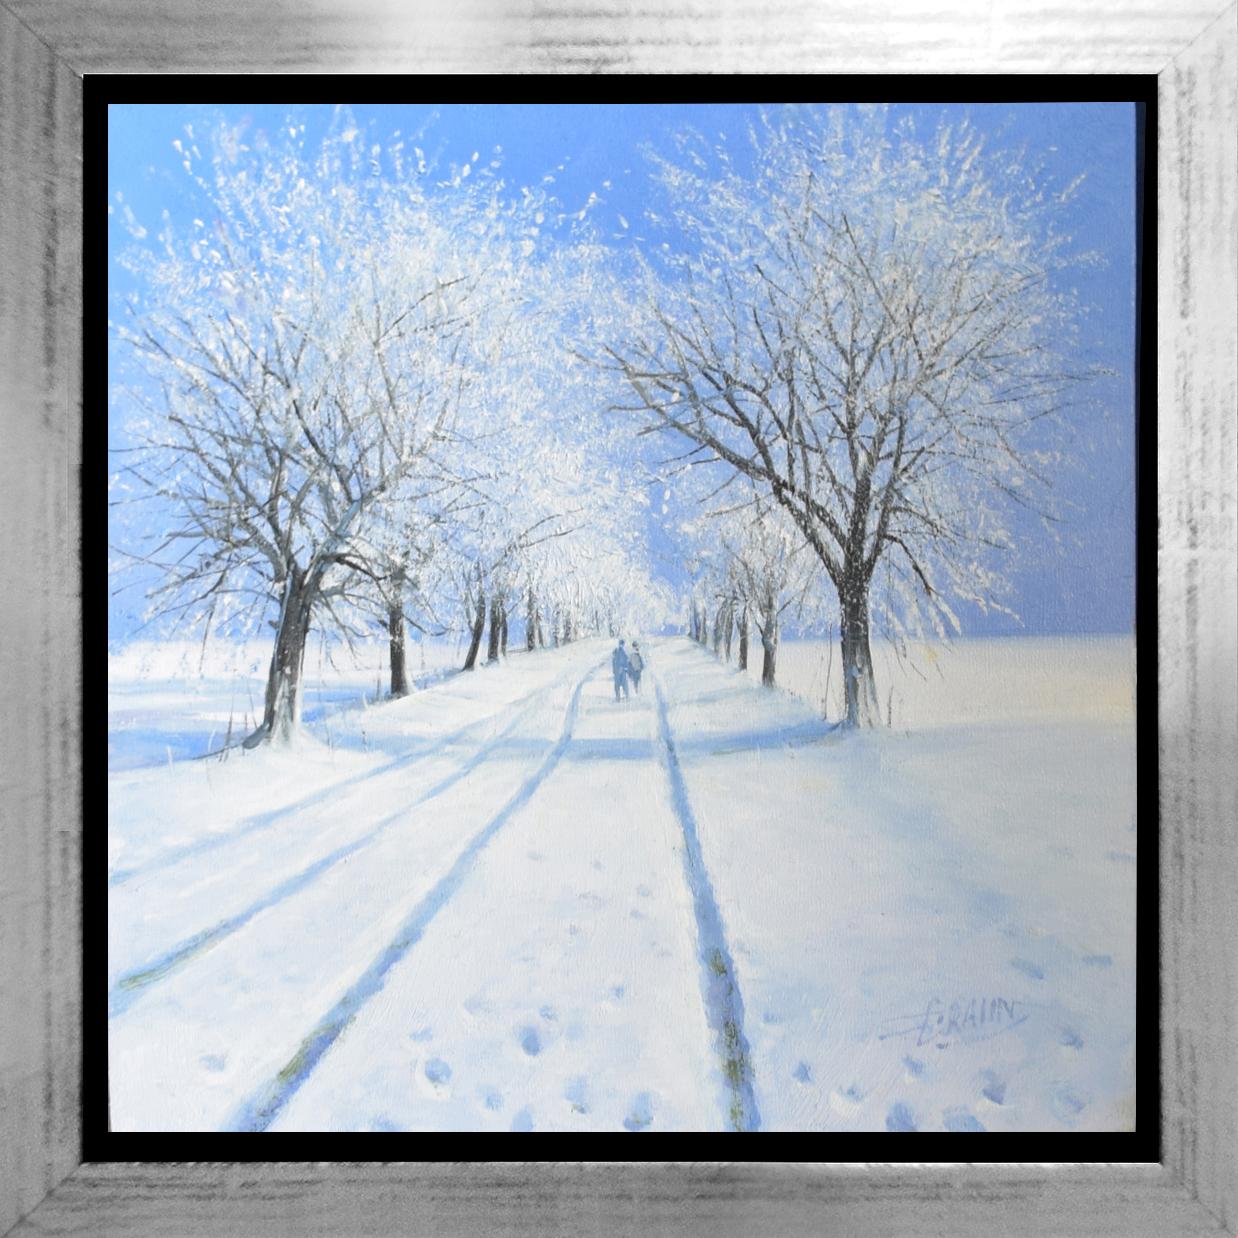 Detlef Rahn - Winter in Brandenburg , 7840-006-980